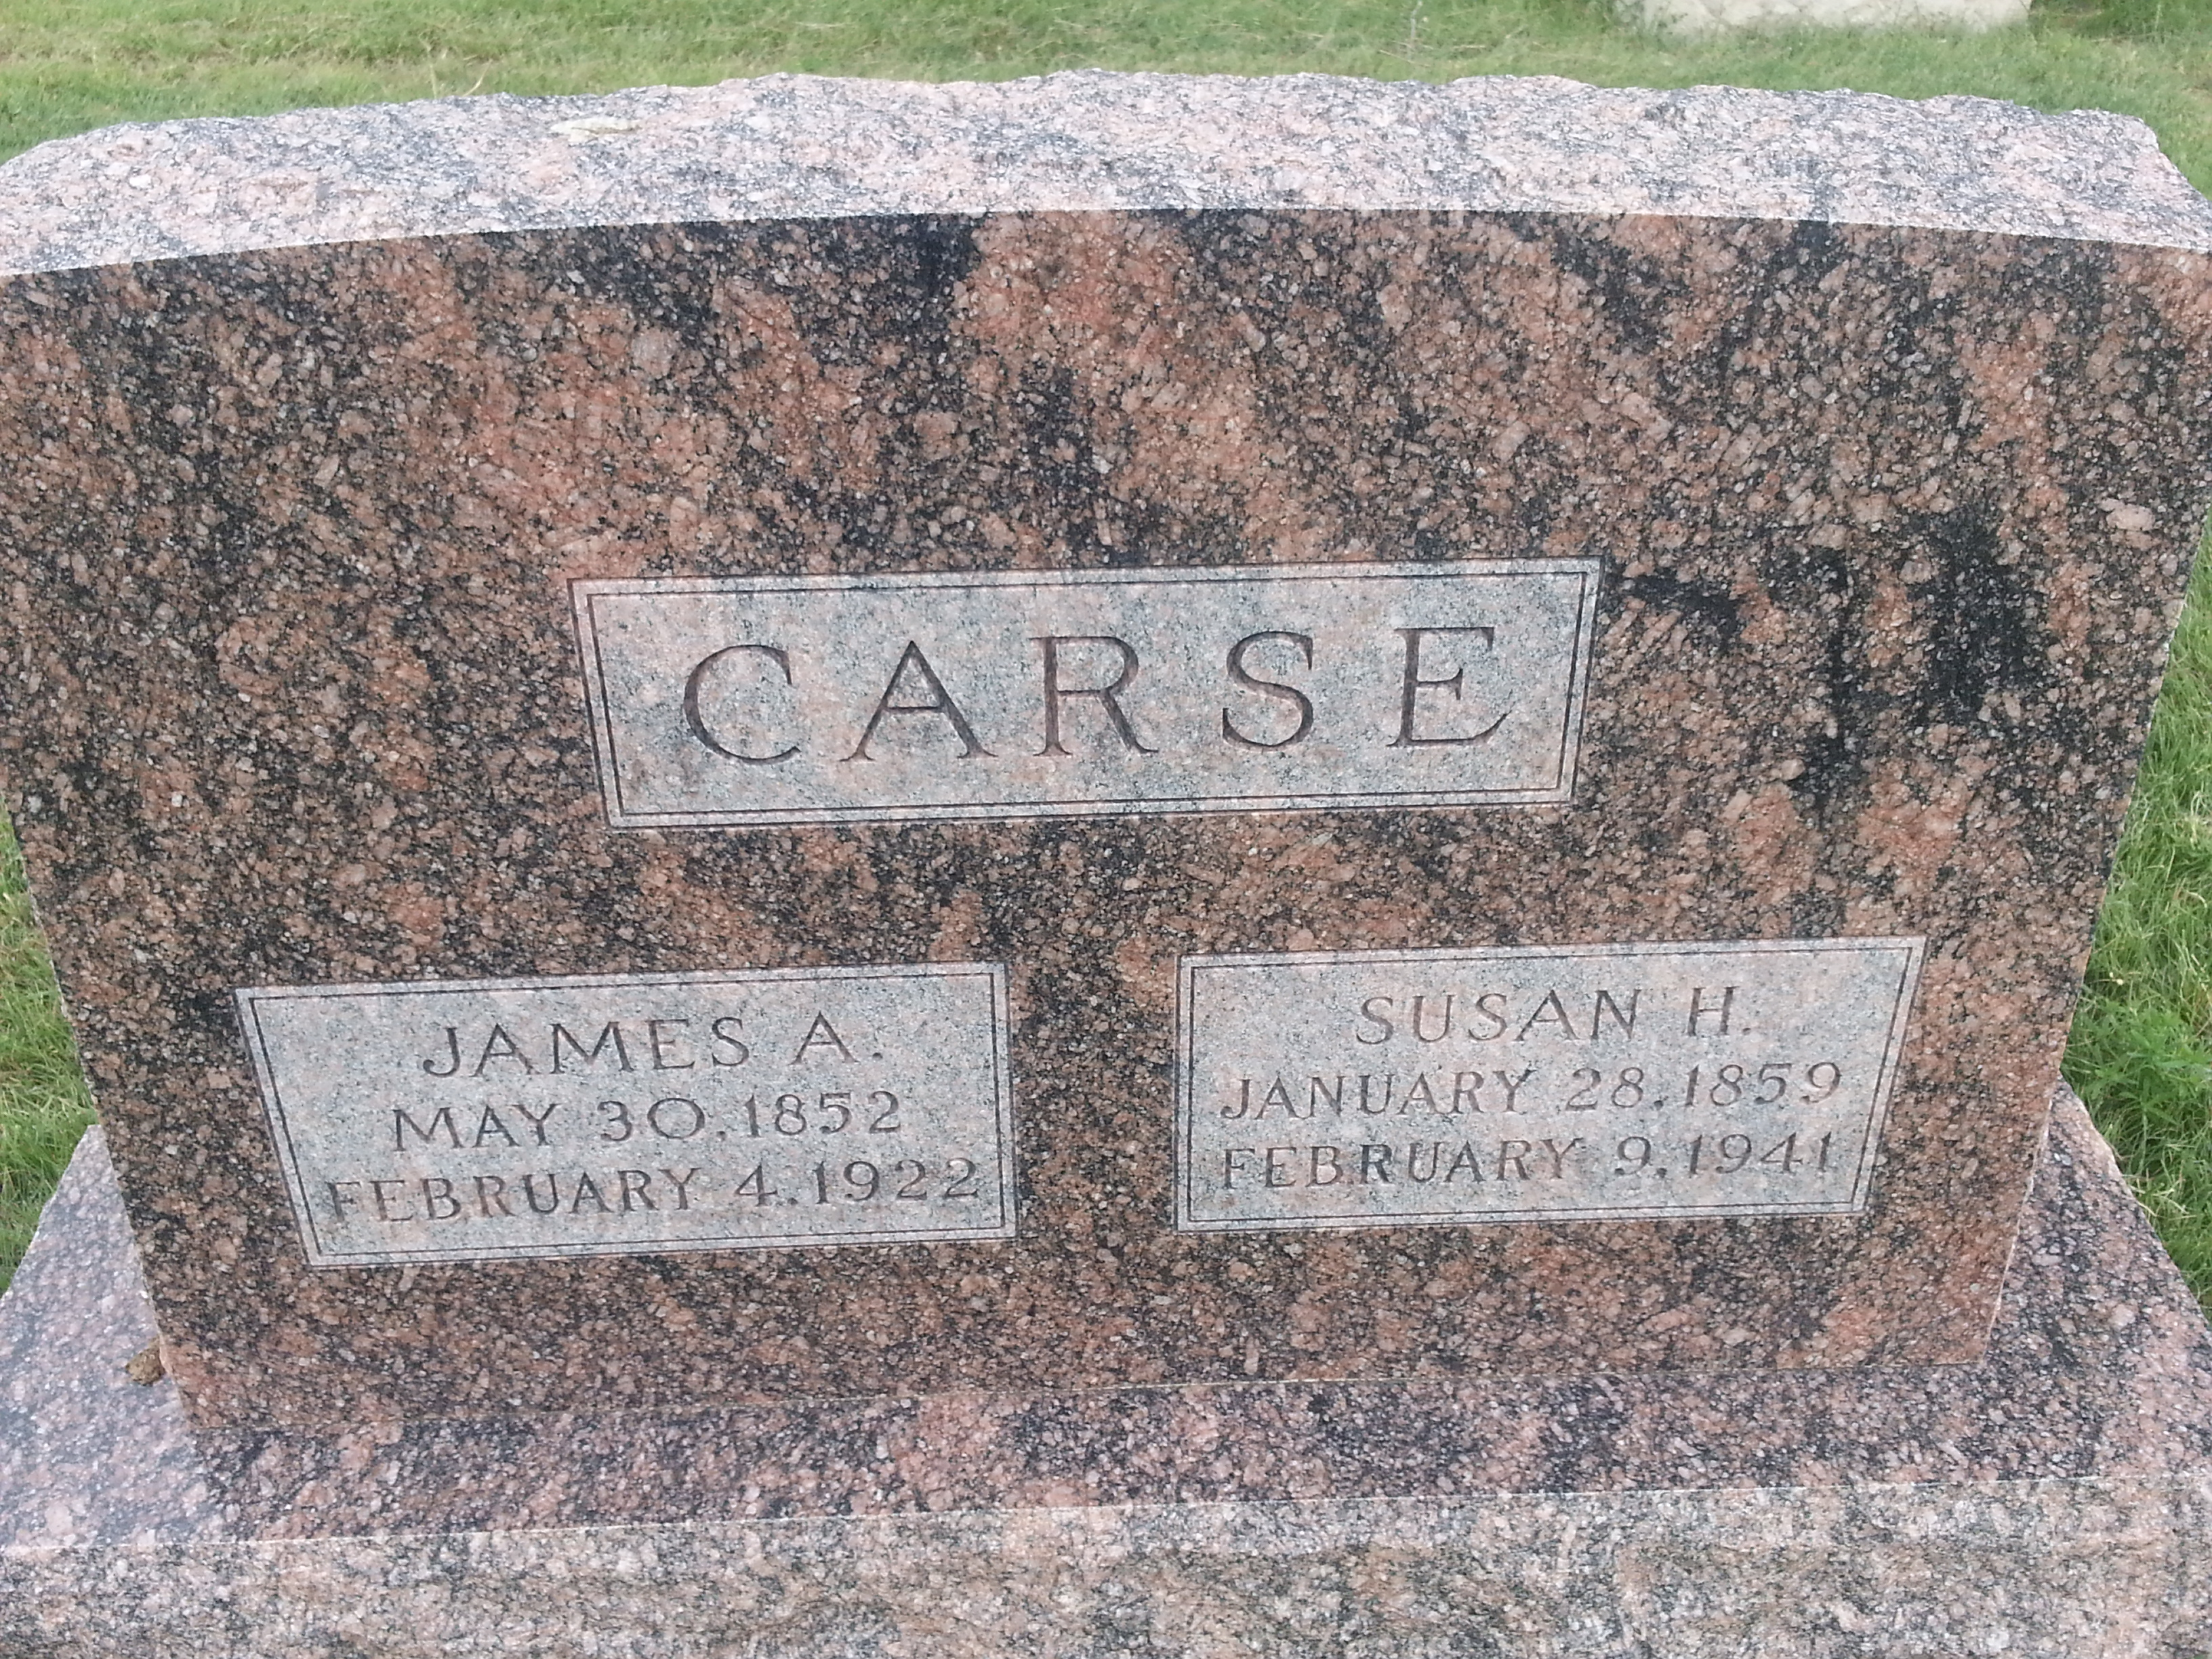 James Anthony Carse